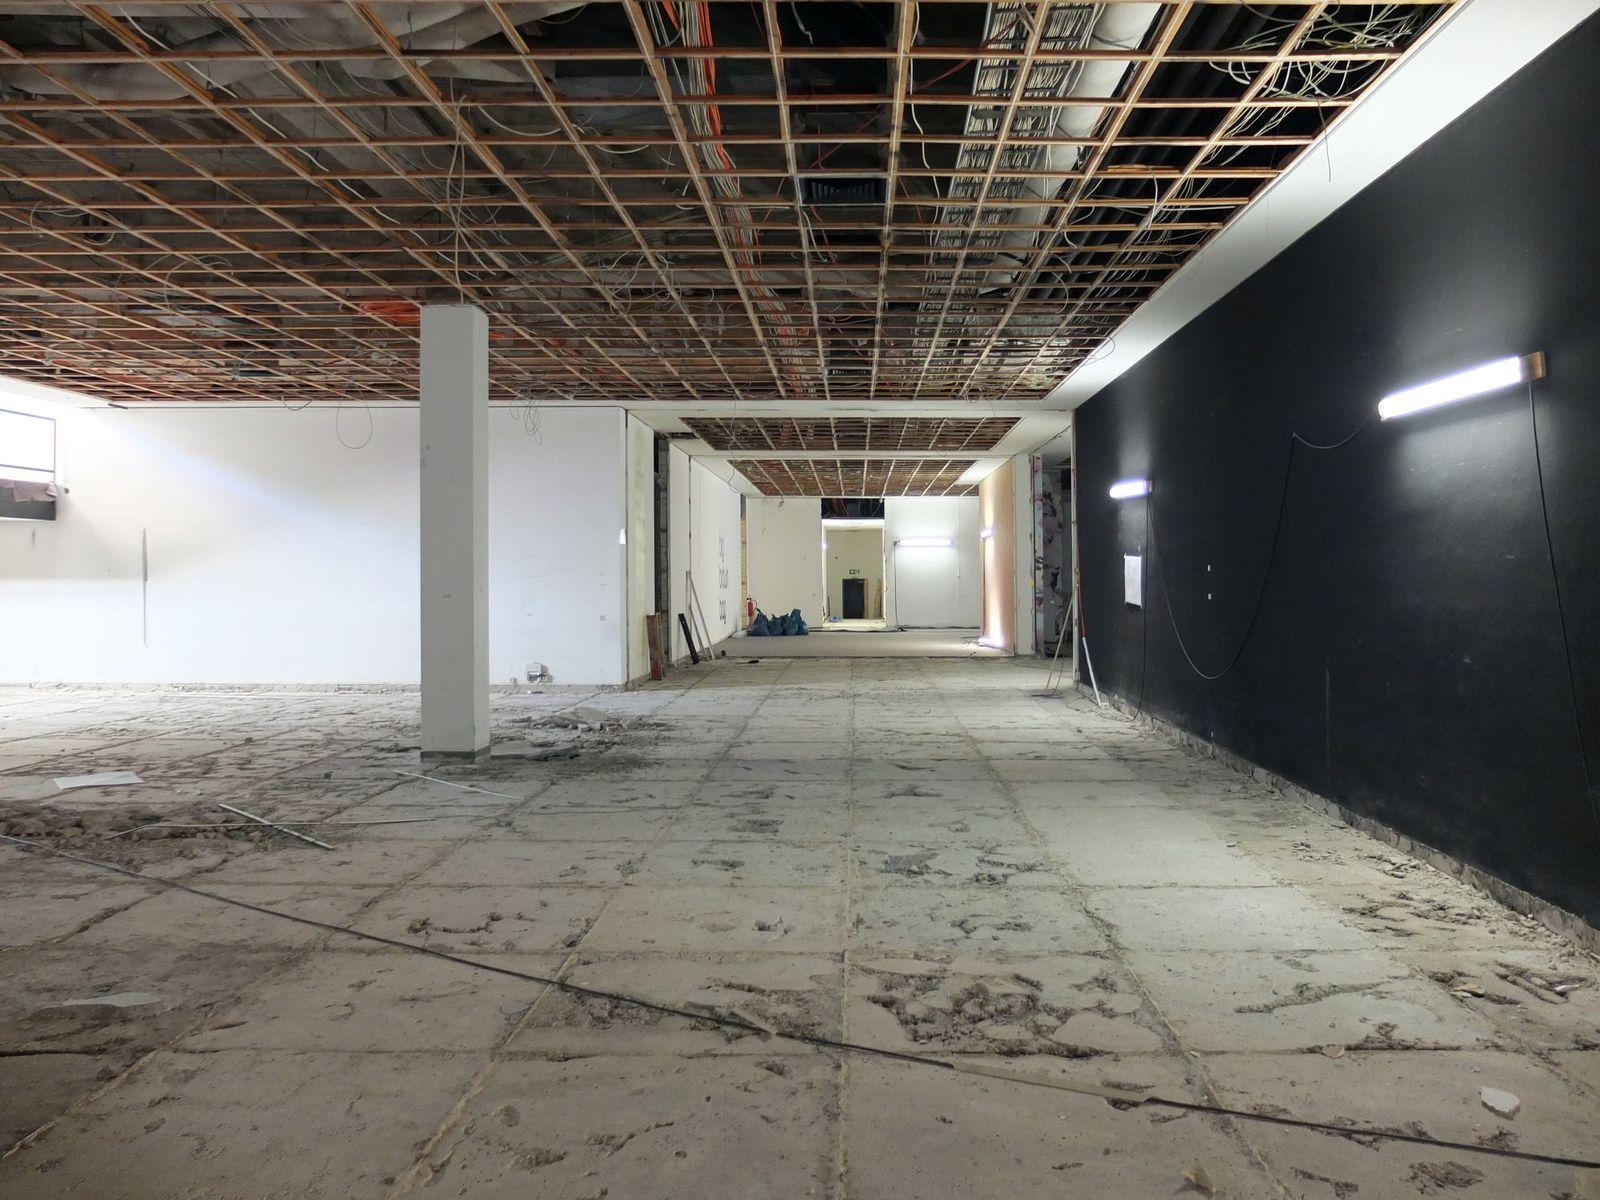 Der Blick ins untere Foyer, wo früher der Buchladen war. © Staatliche Museen zu Berlin / schmedding.vonmarlin.